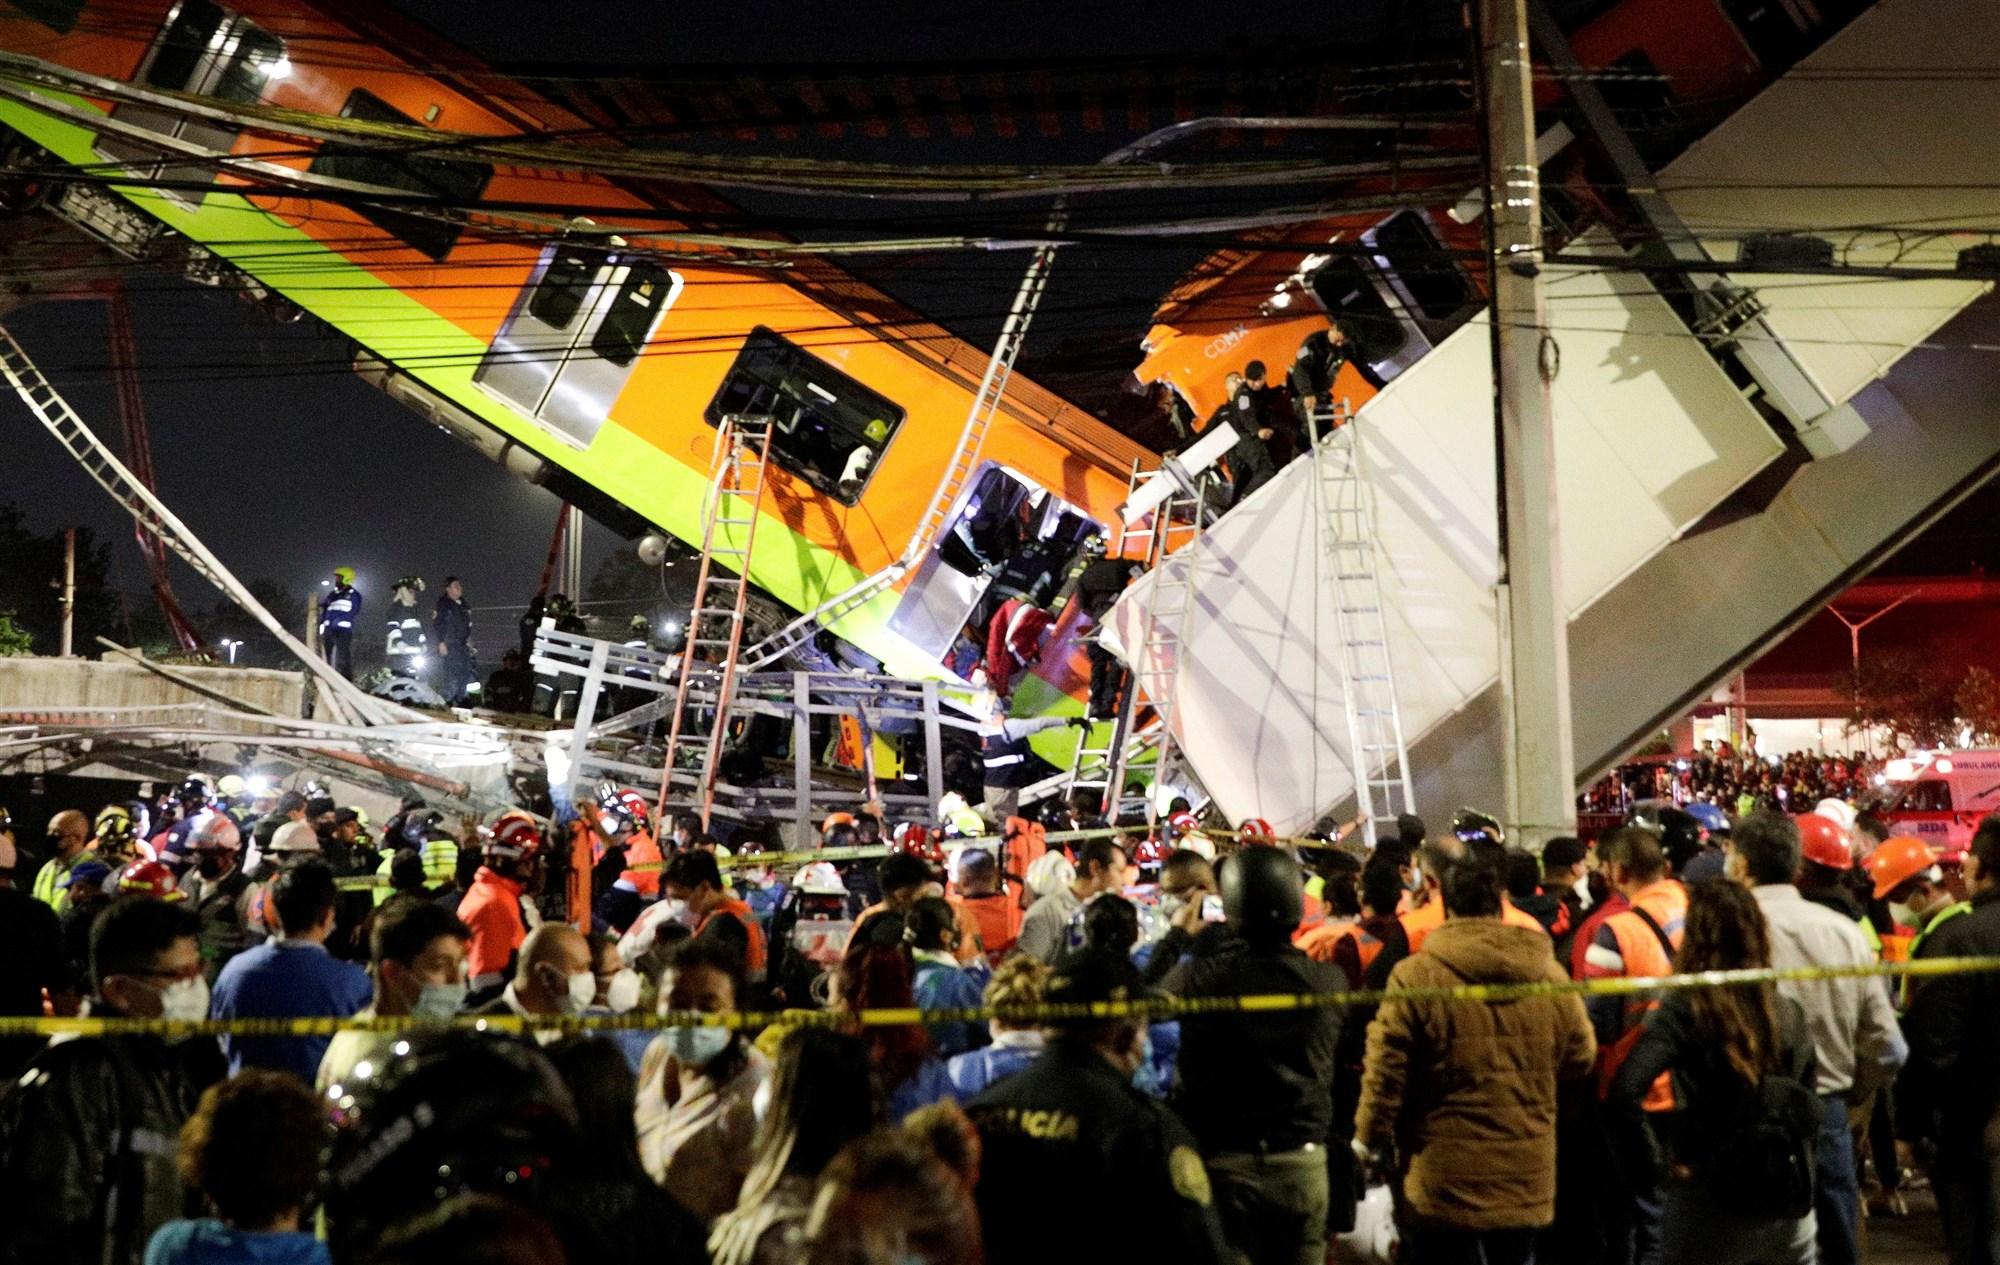 Cầu gãy sập khiến toa tàu lao xuống đất. Ảnh: Reuters.